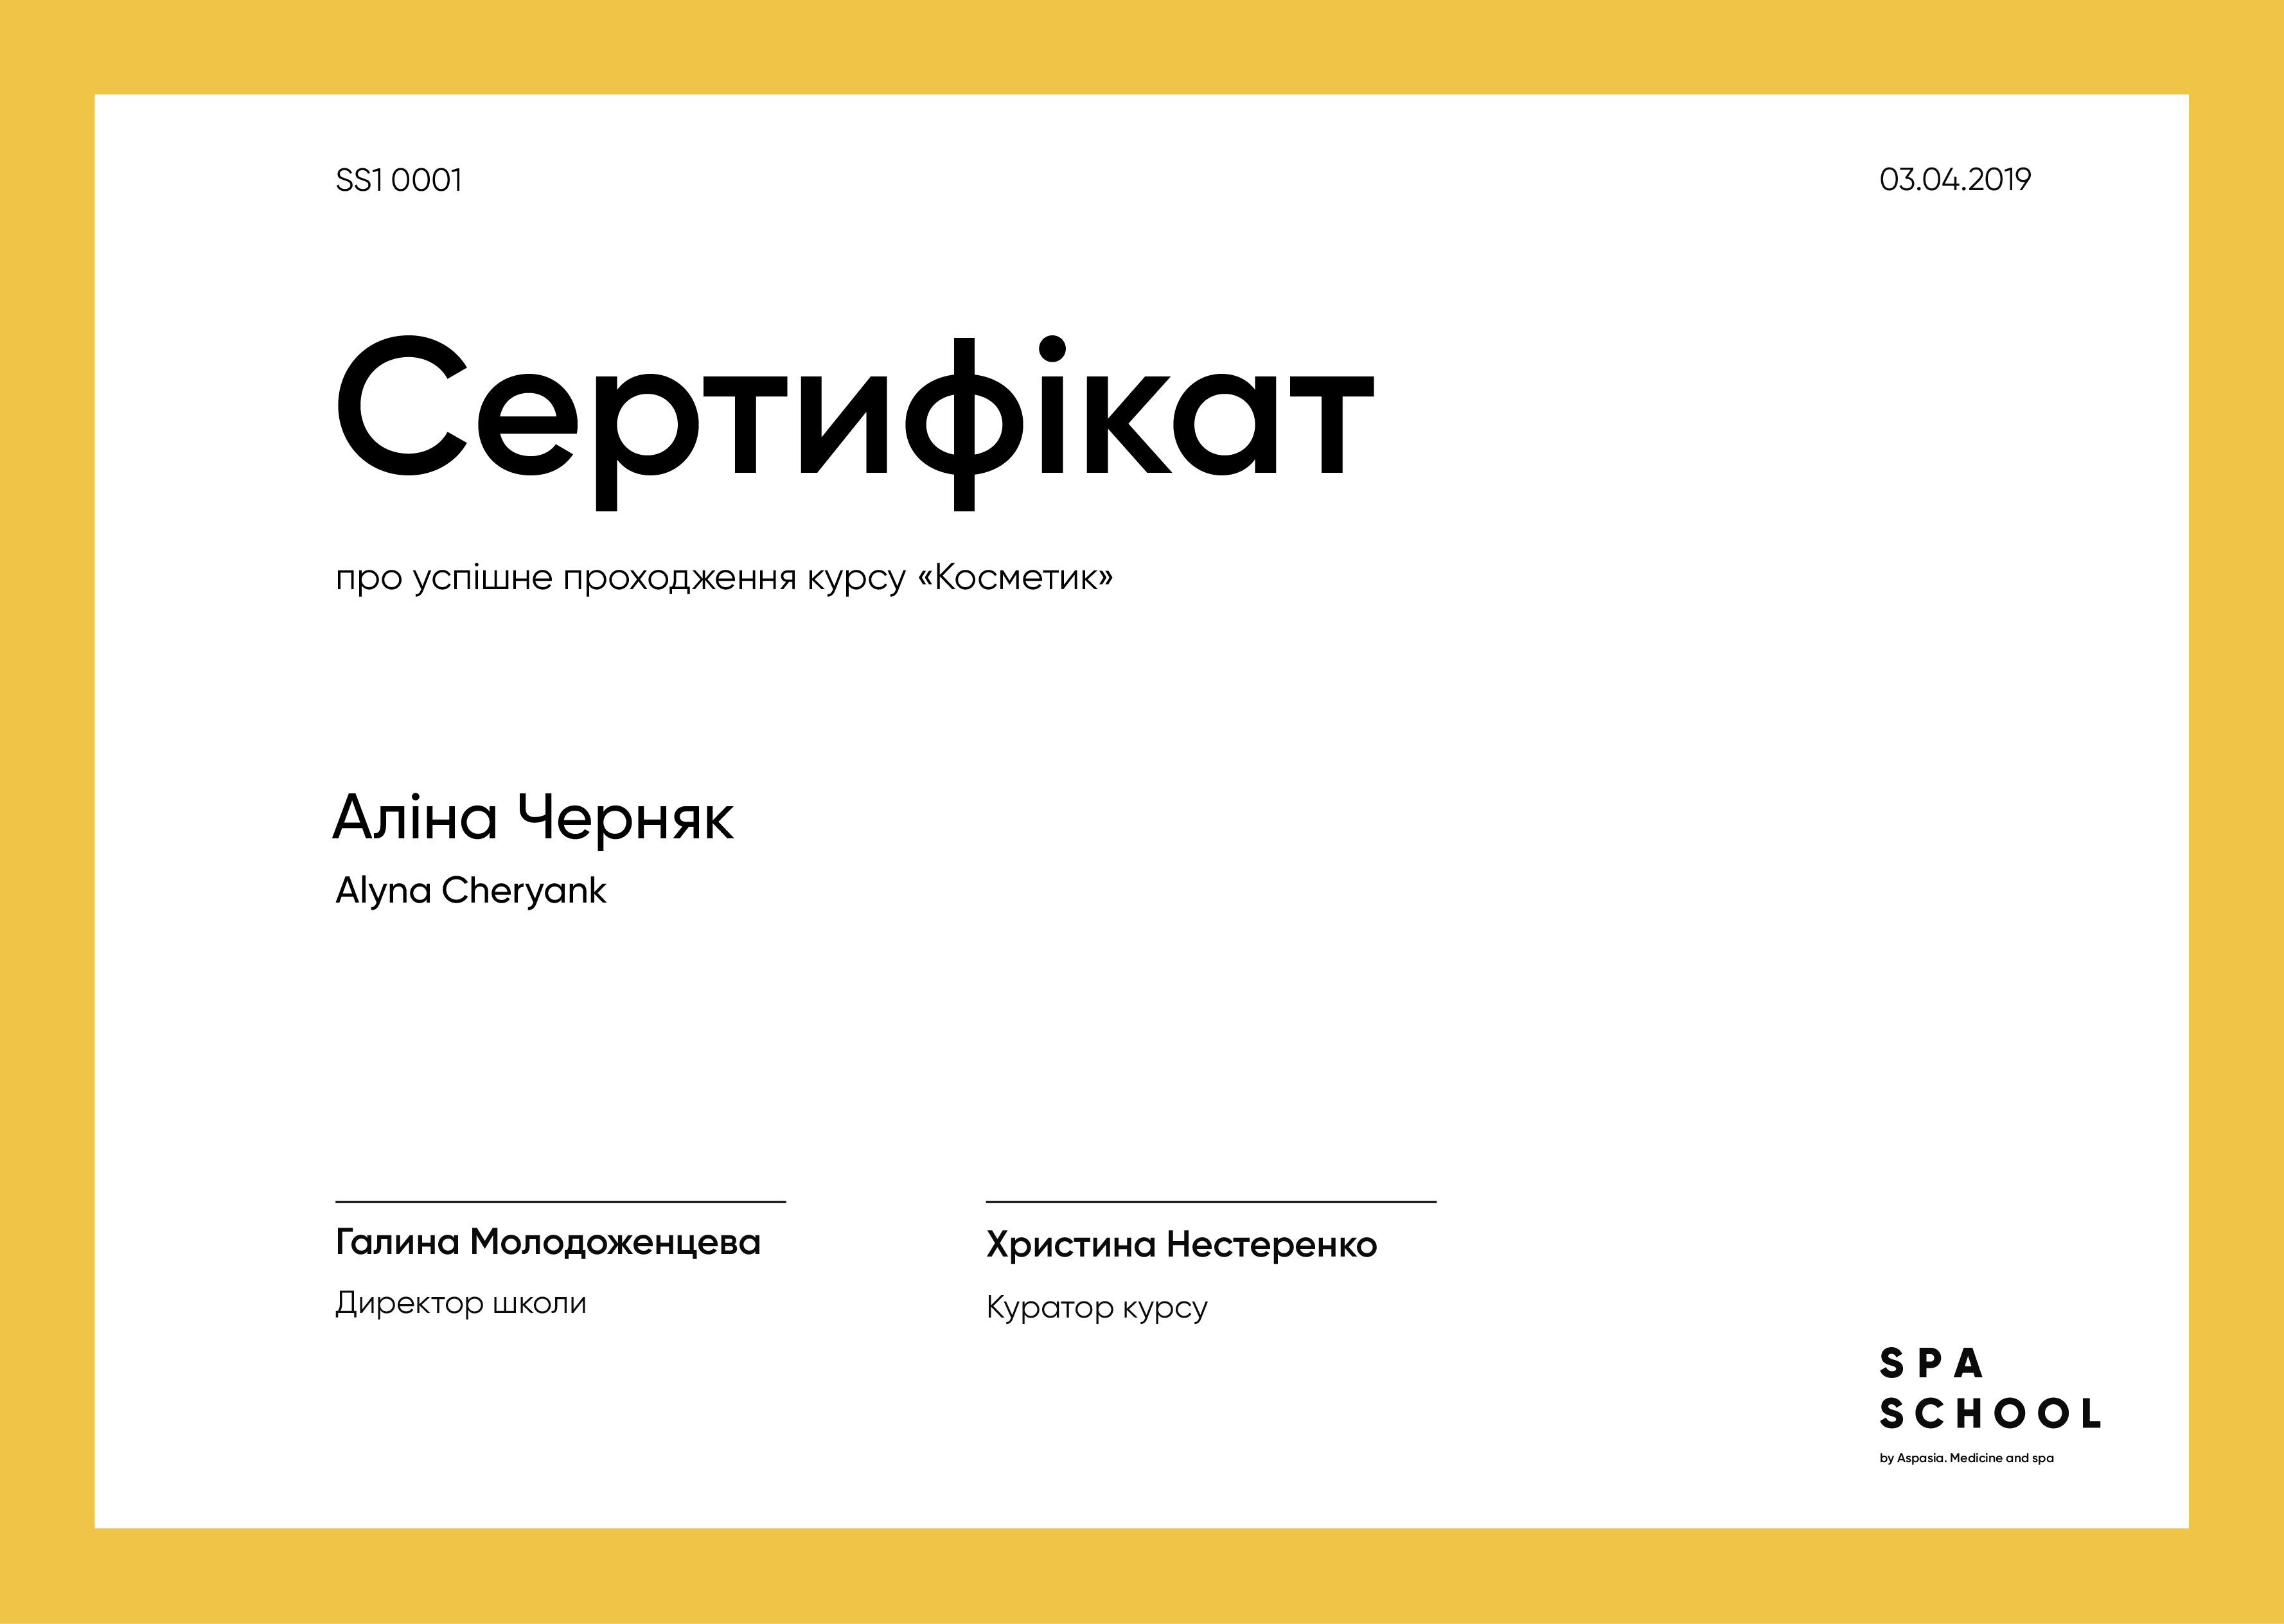 Свидетельство лучших курсов косметолога в Одессе